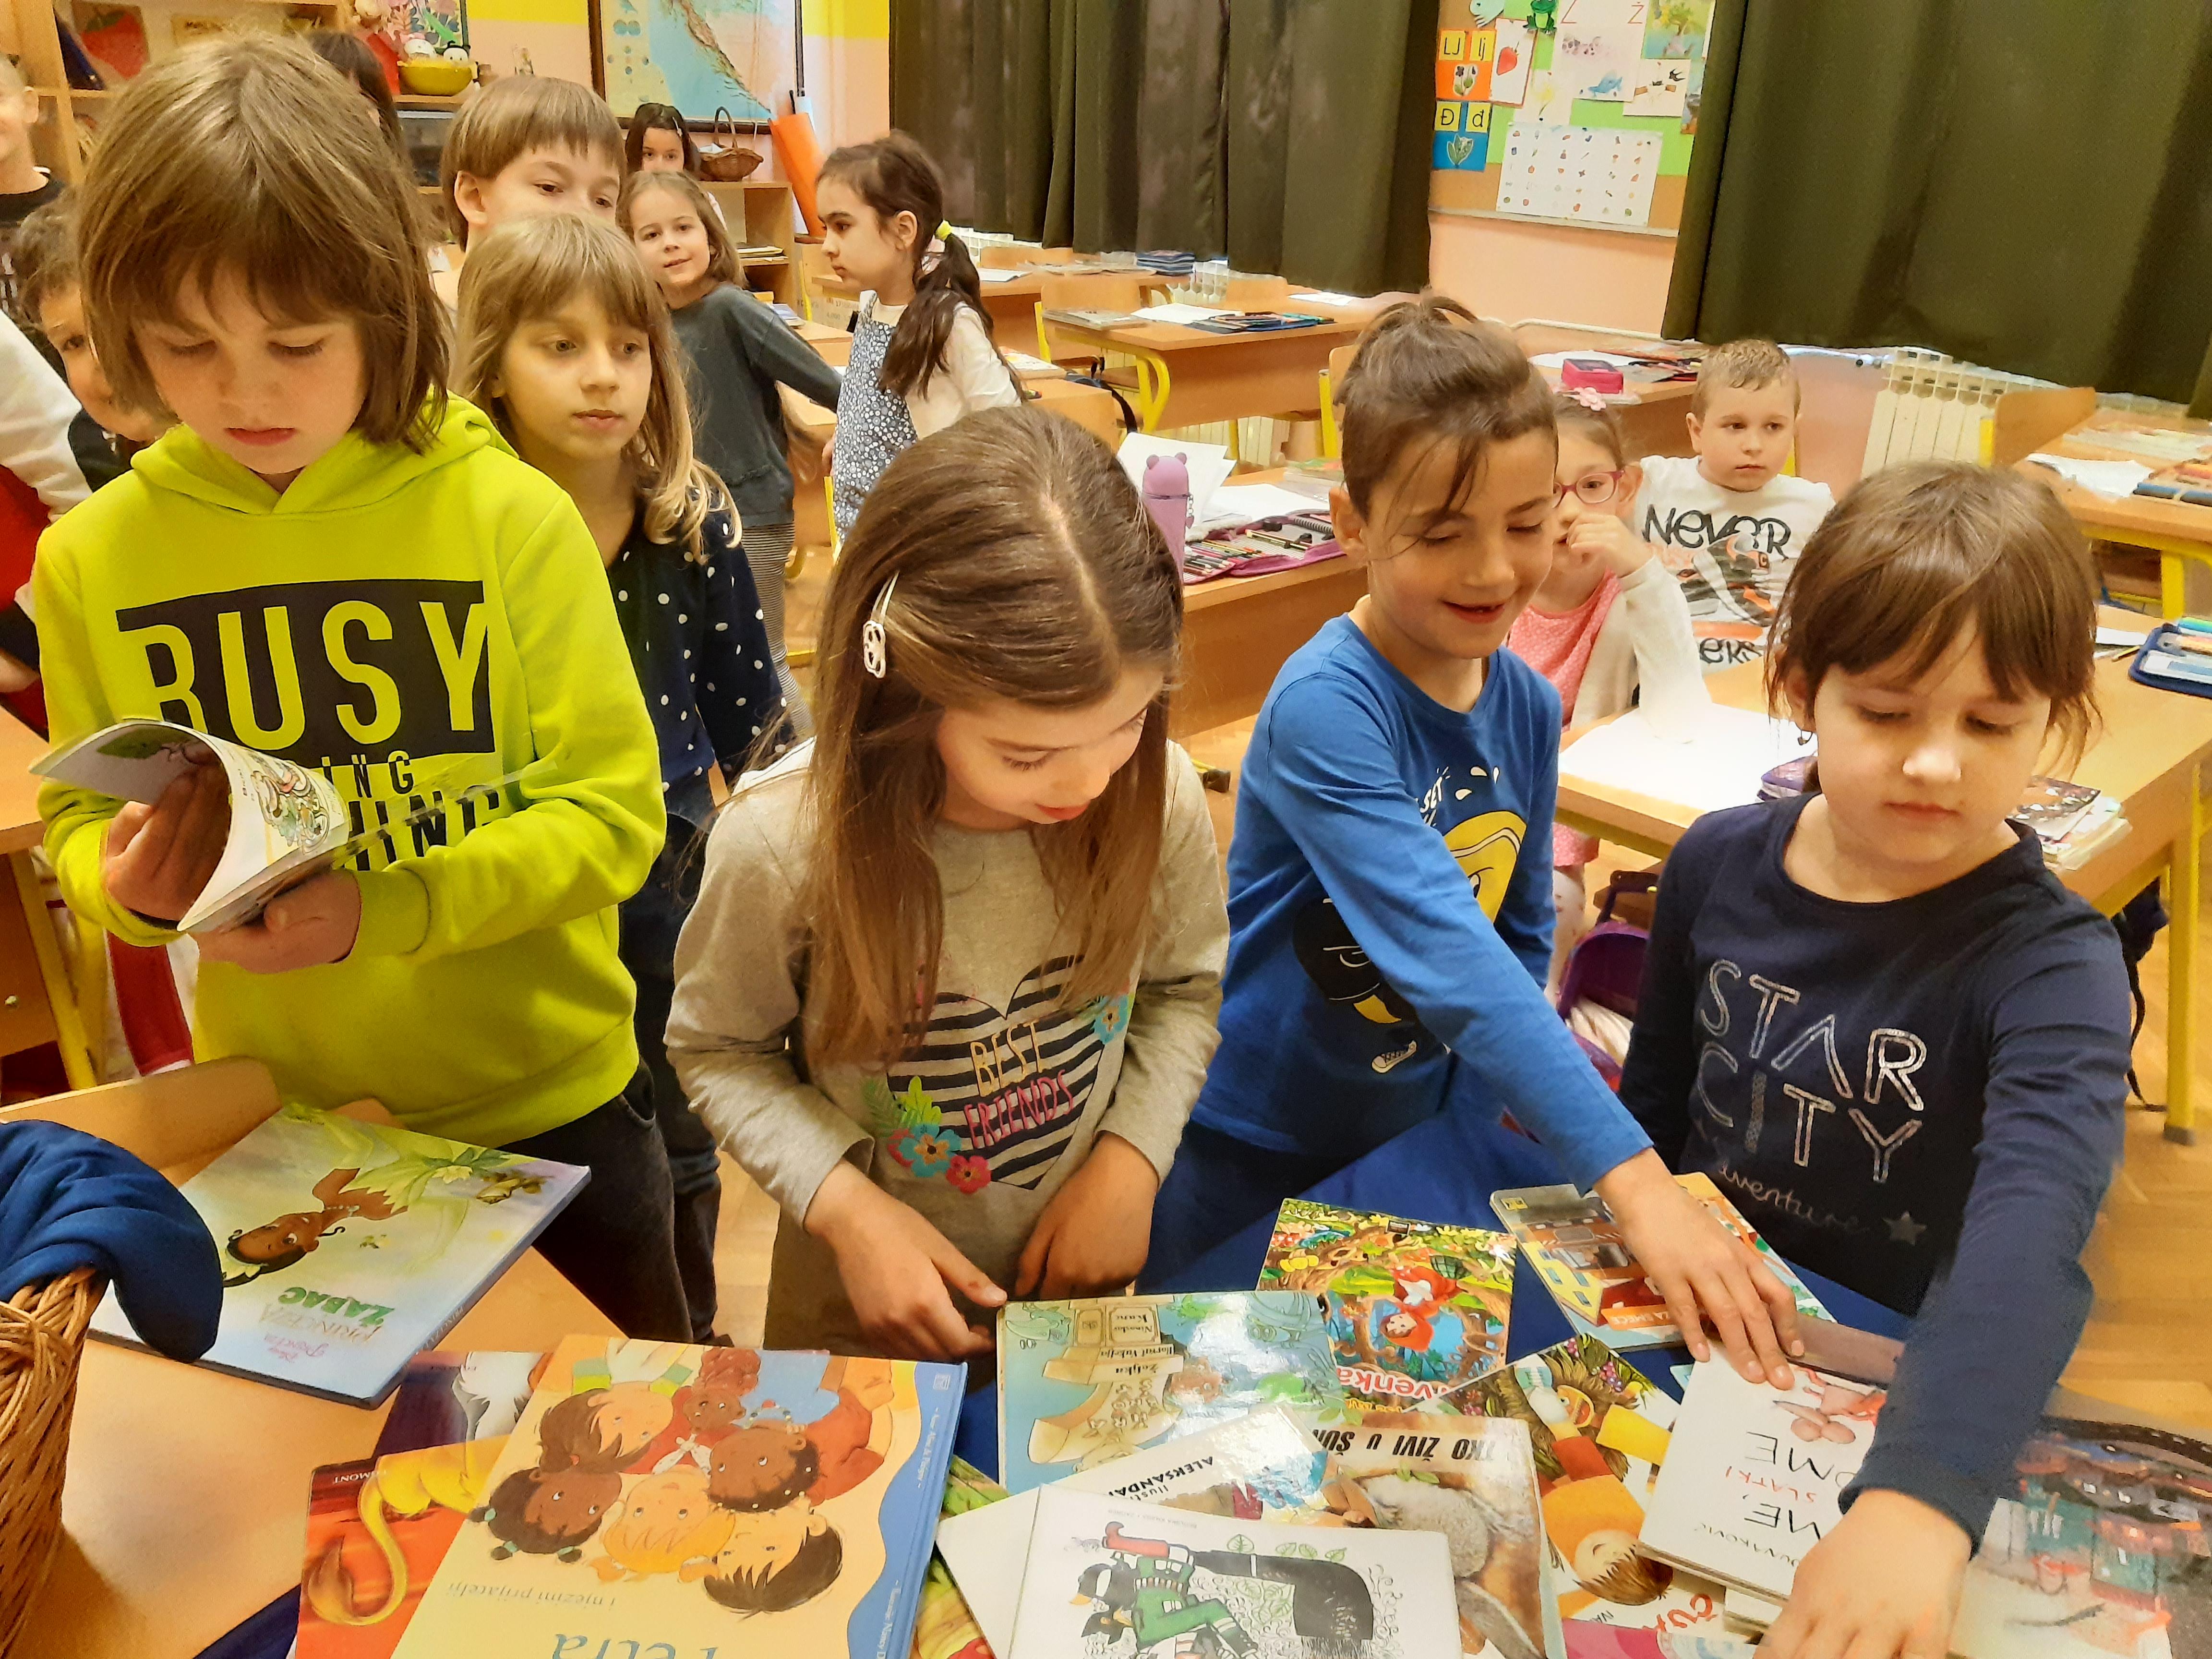 Vršnjaci vršnjacima – reklame i preporuke o pročitanim knjigama